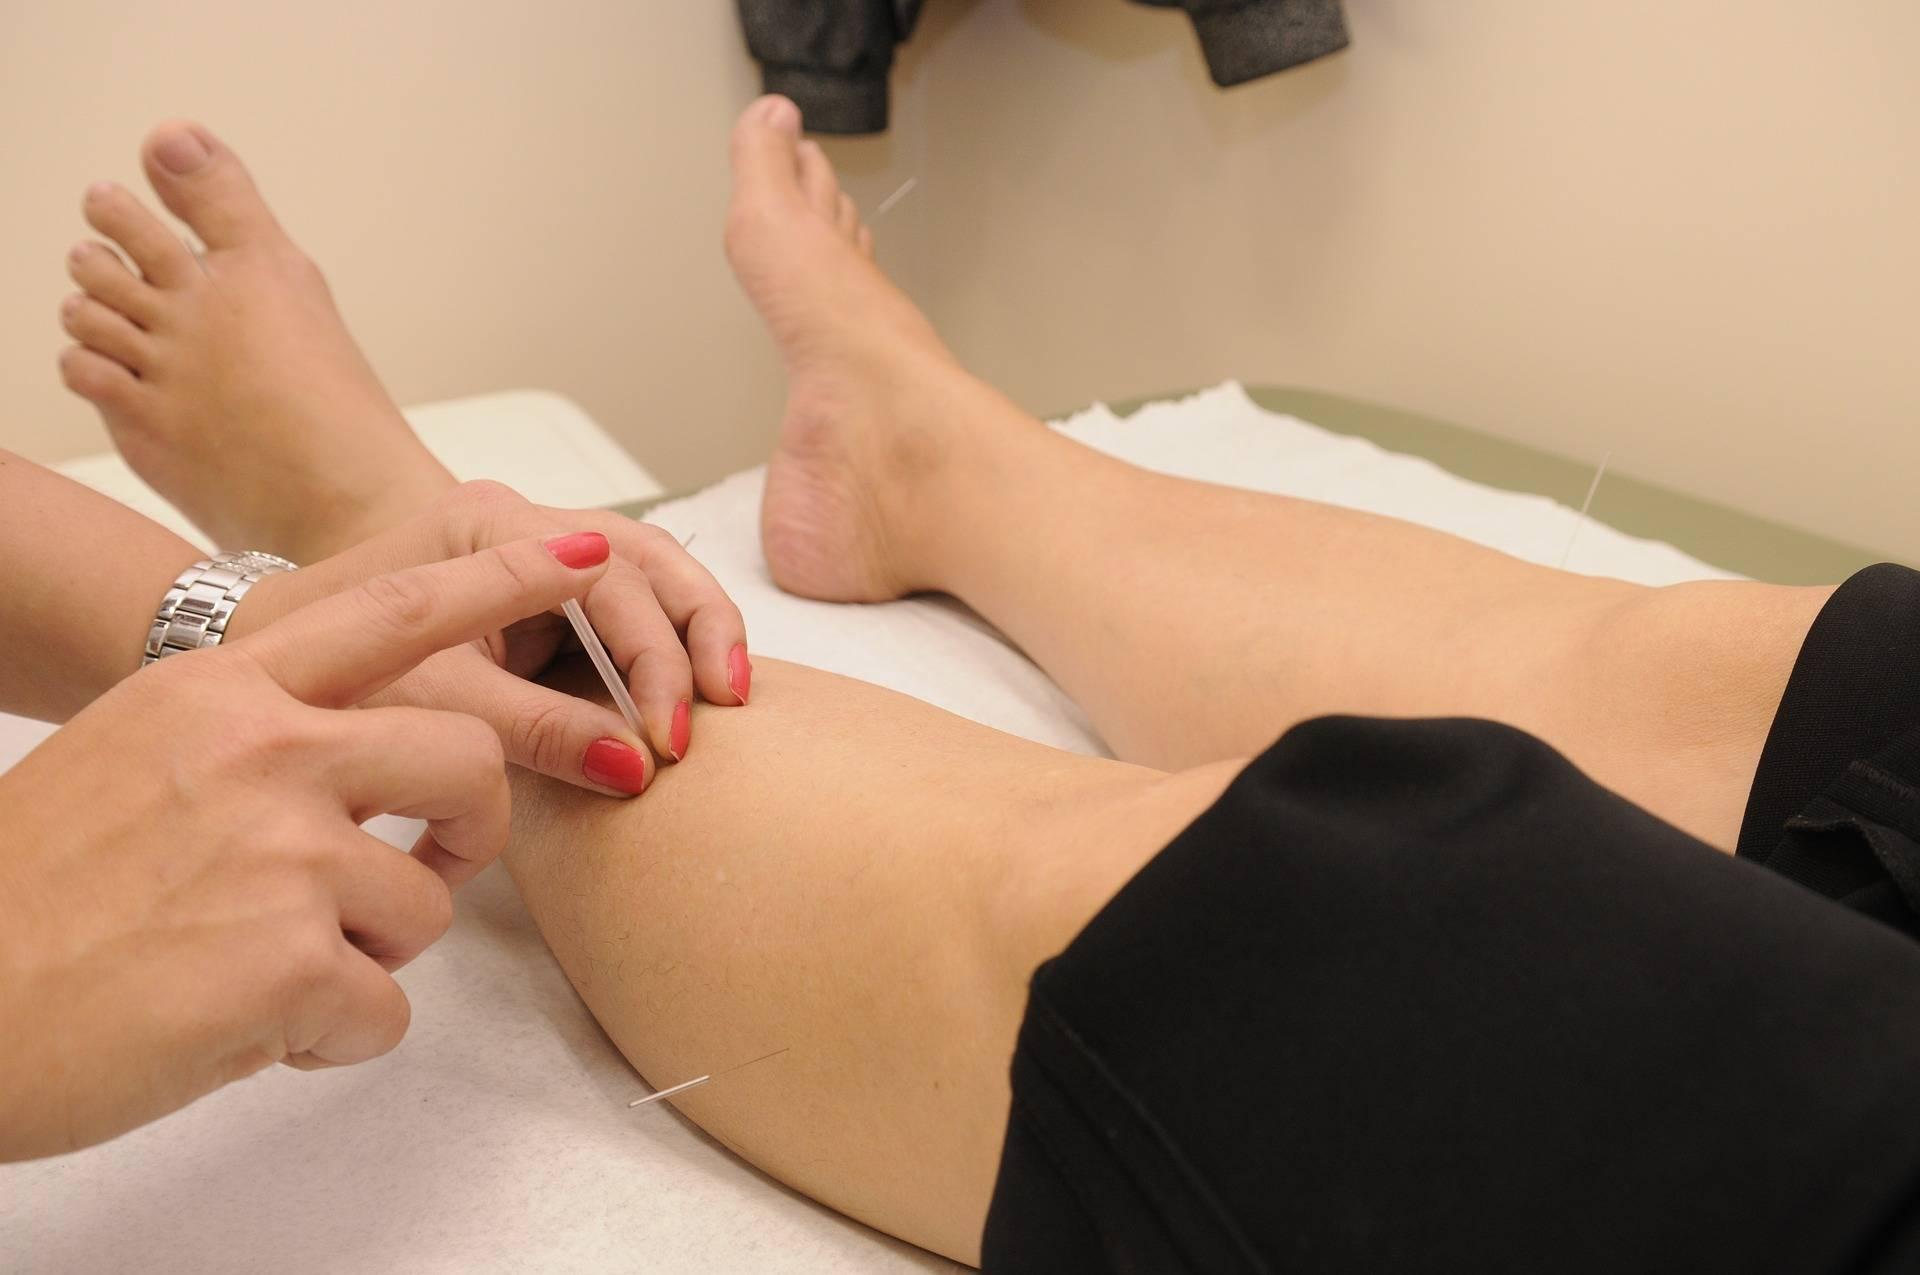 acupuncture-fertility-pregnant-ttc